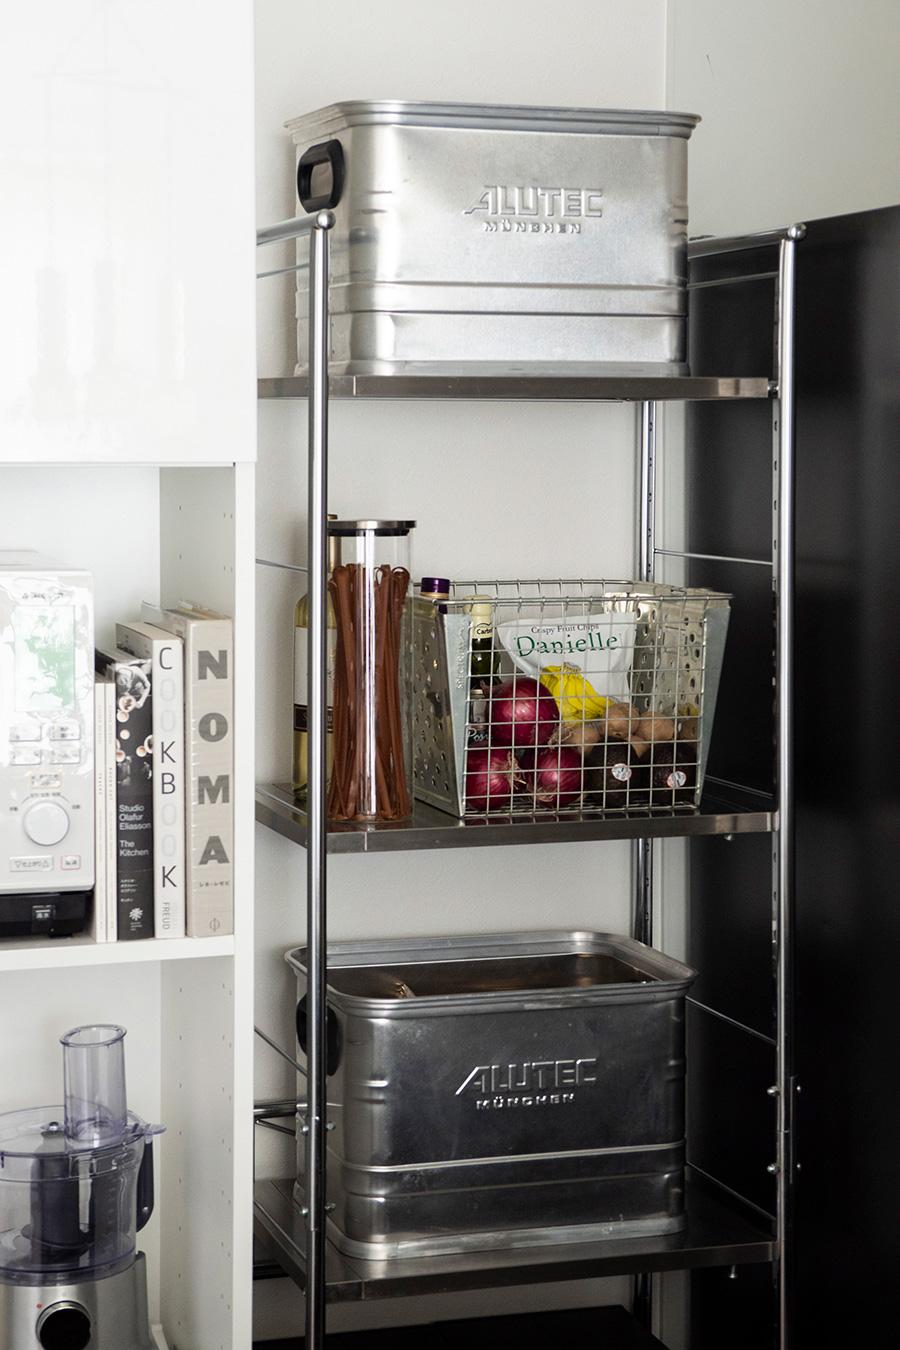 キッチンにはプロダクトものも取り入れて。ドイツALUTEC社のアルミコンテナ、アメリカSPECTRUM社のメタルバスケットを活用。